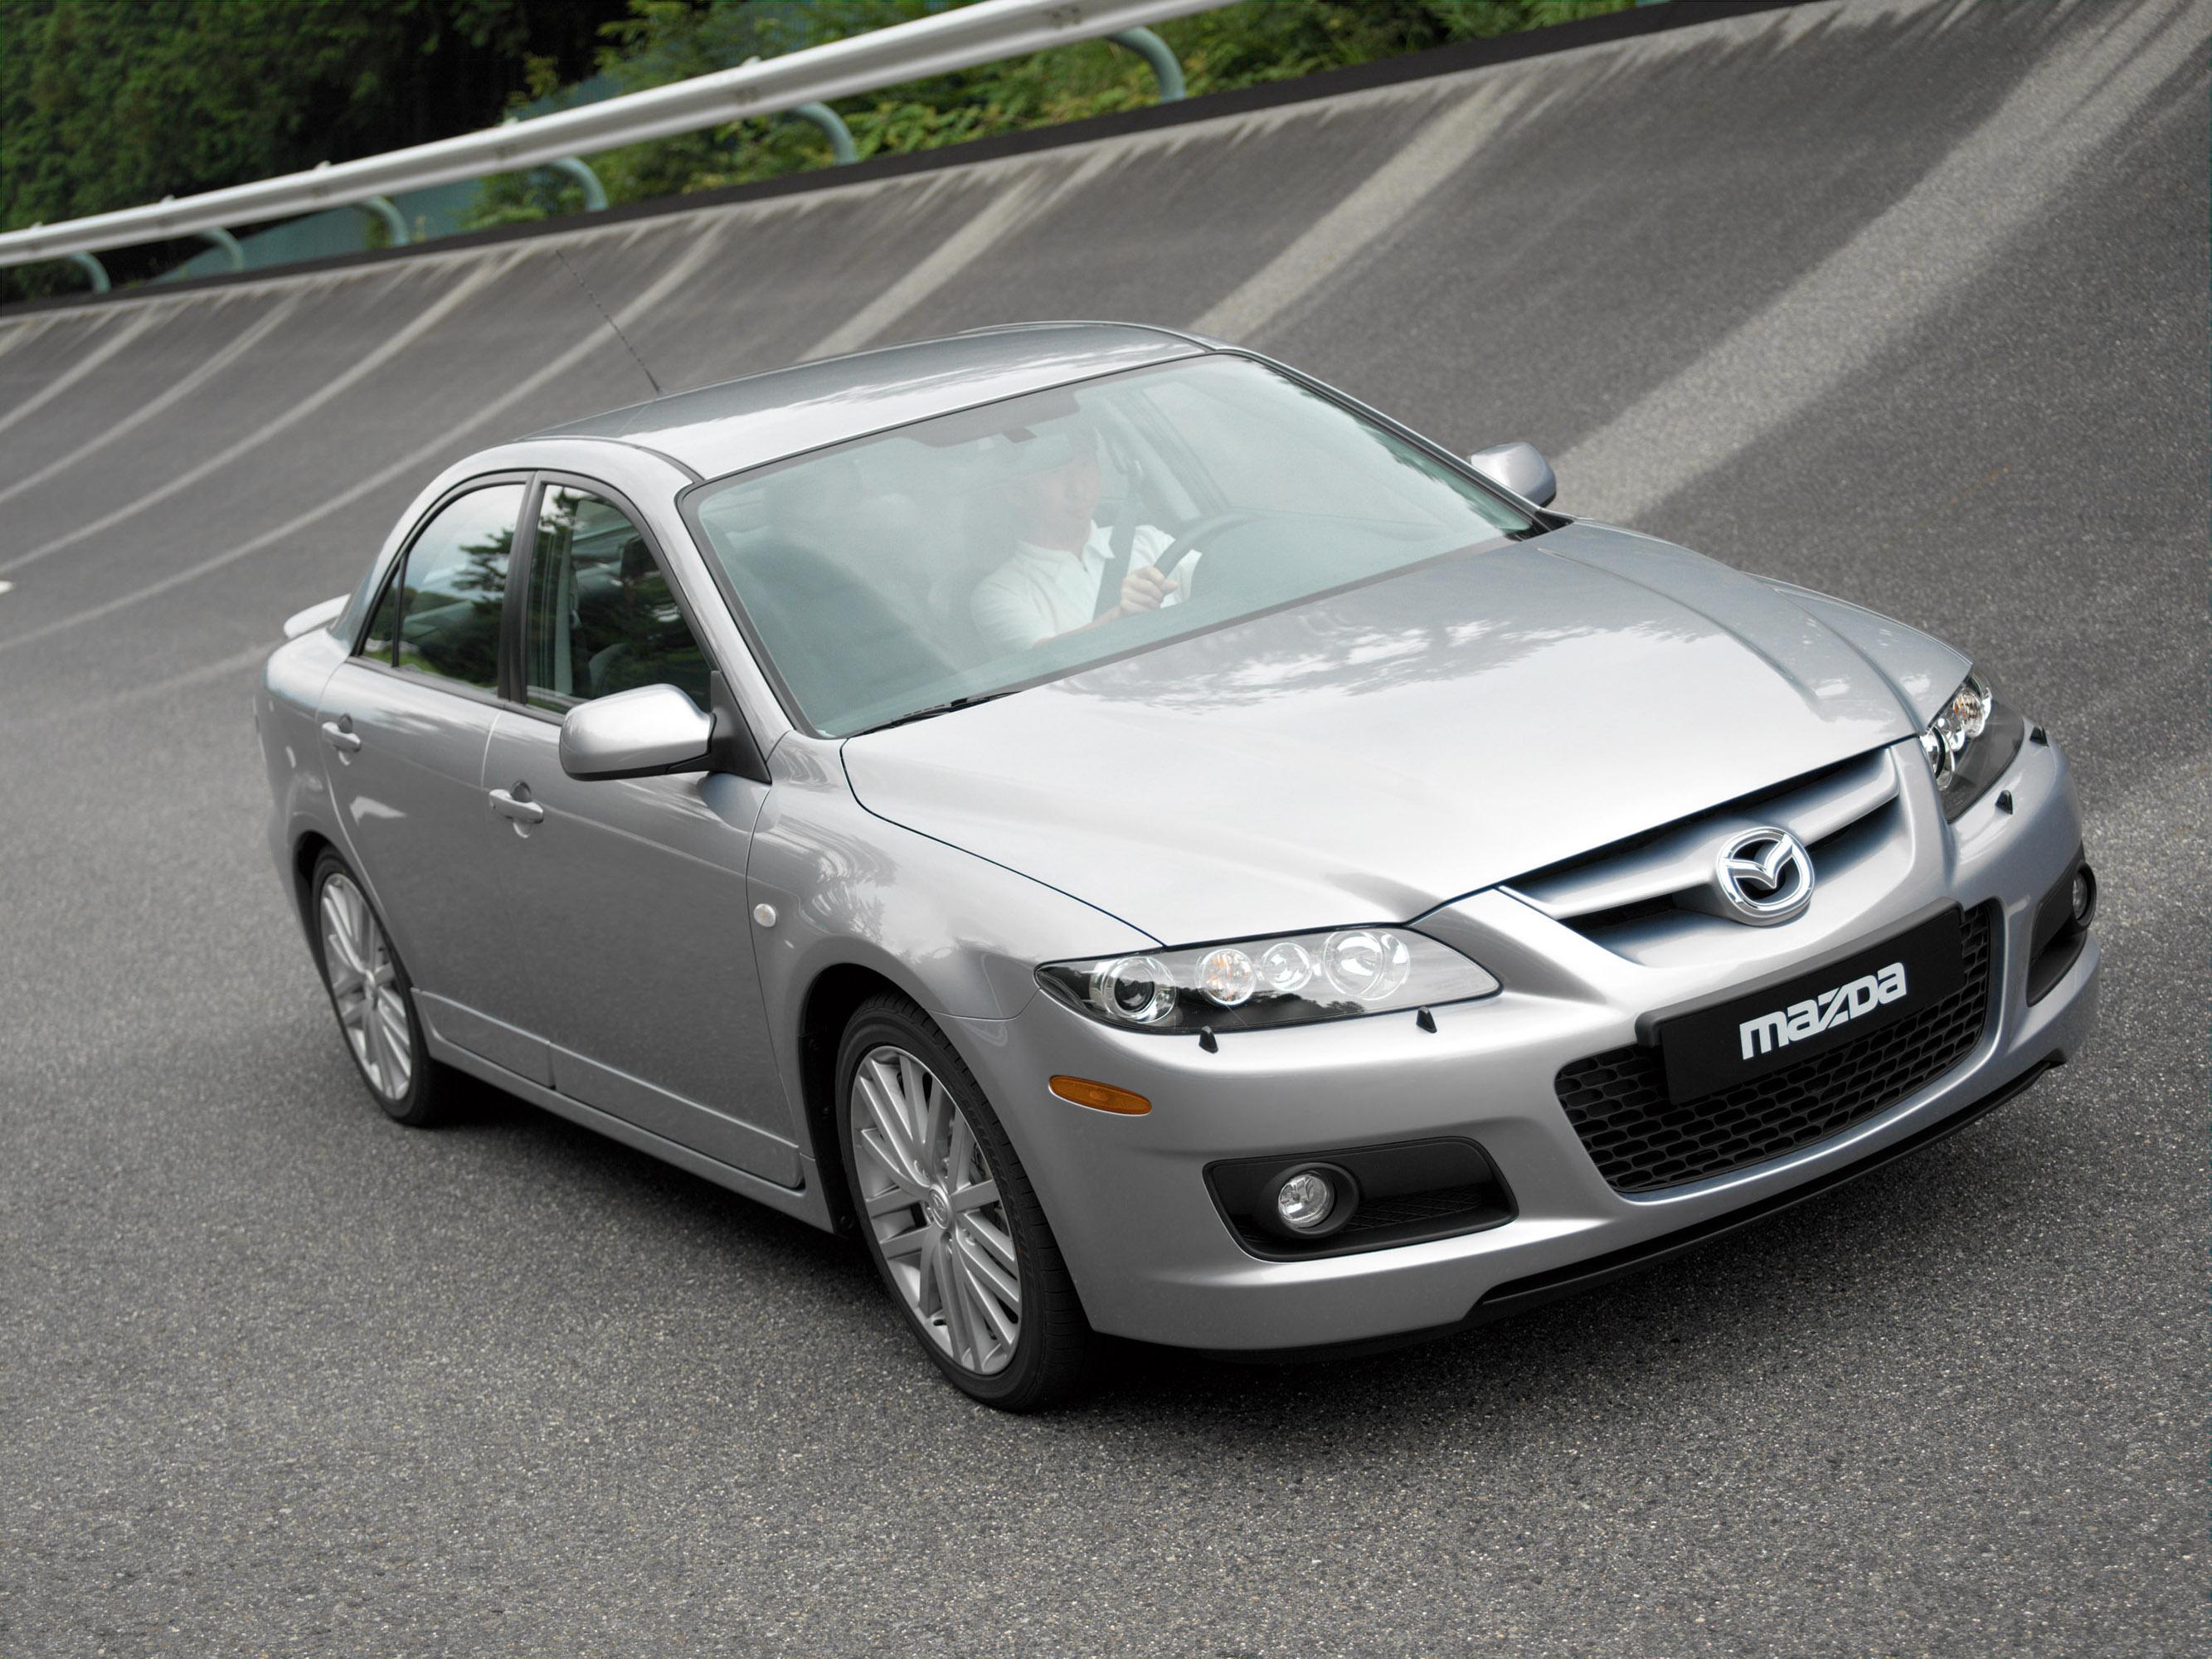 2004 Mazda 6 MPS - HD Pictures @ carsinvasion.com